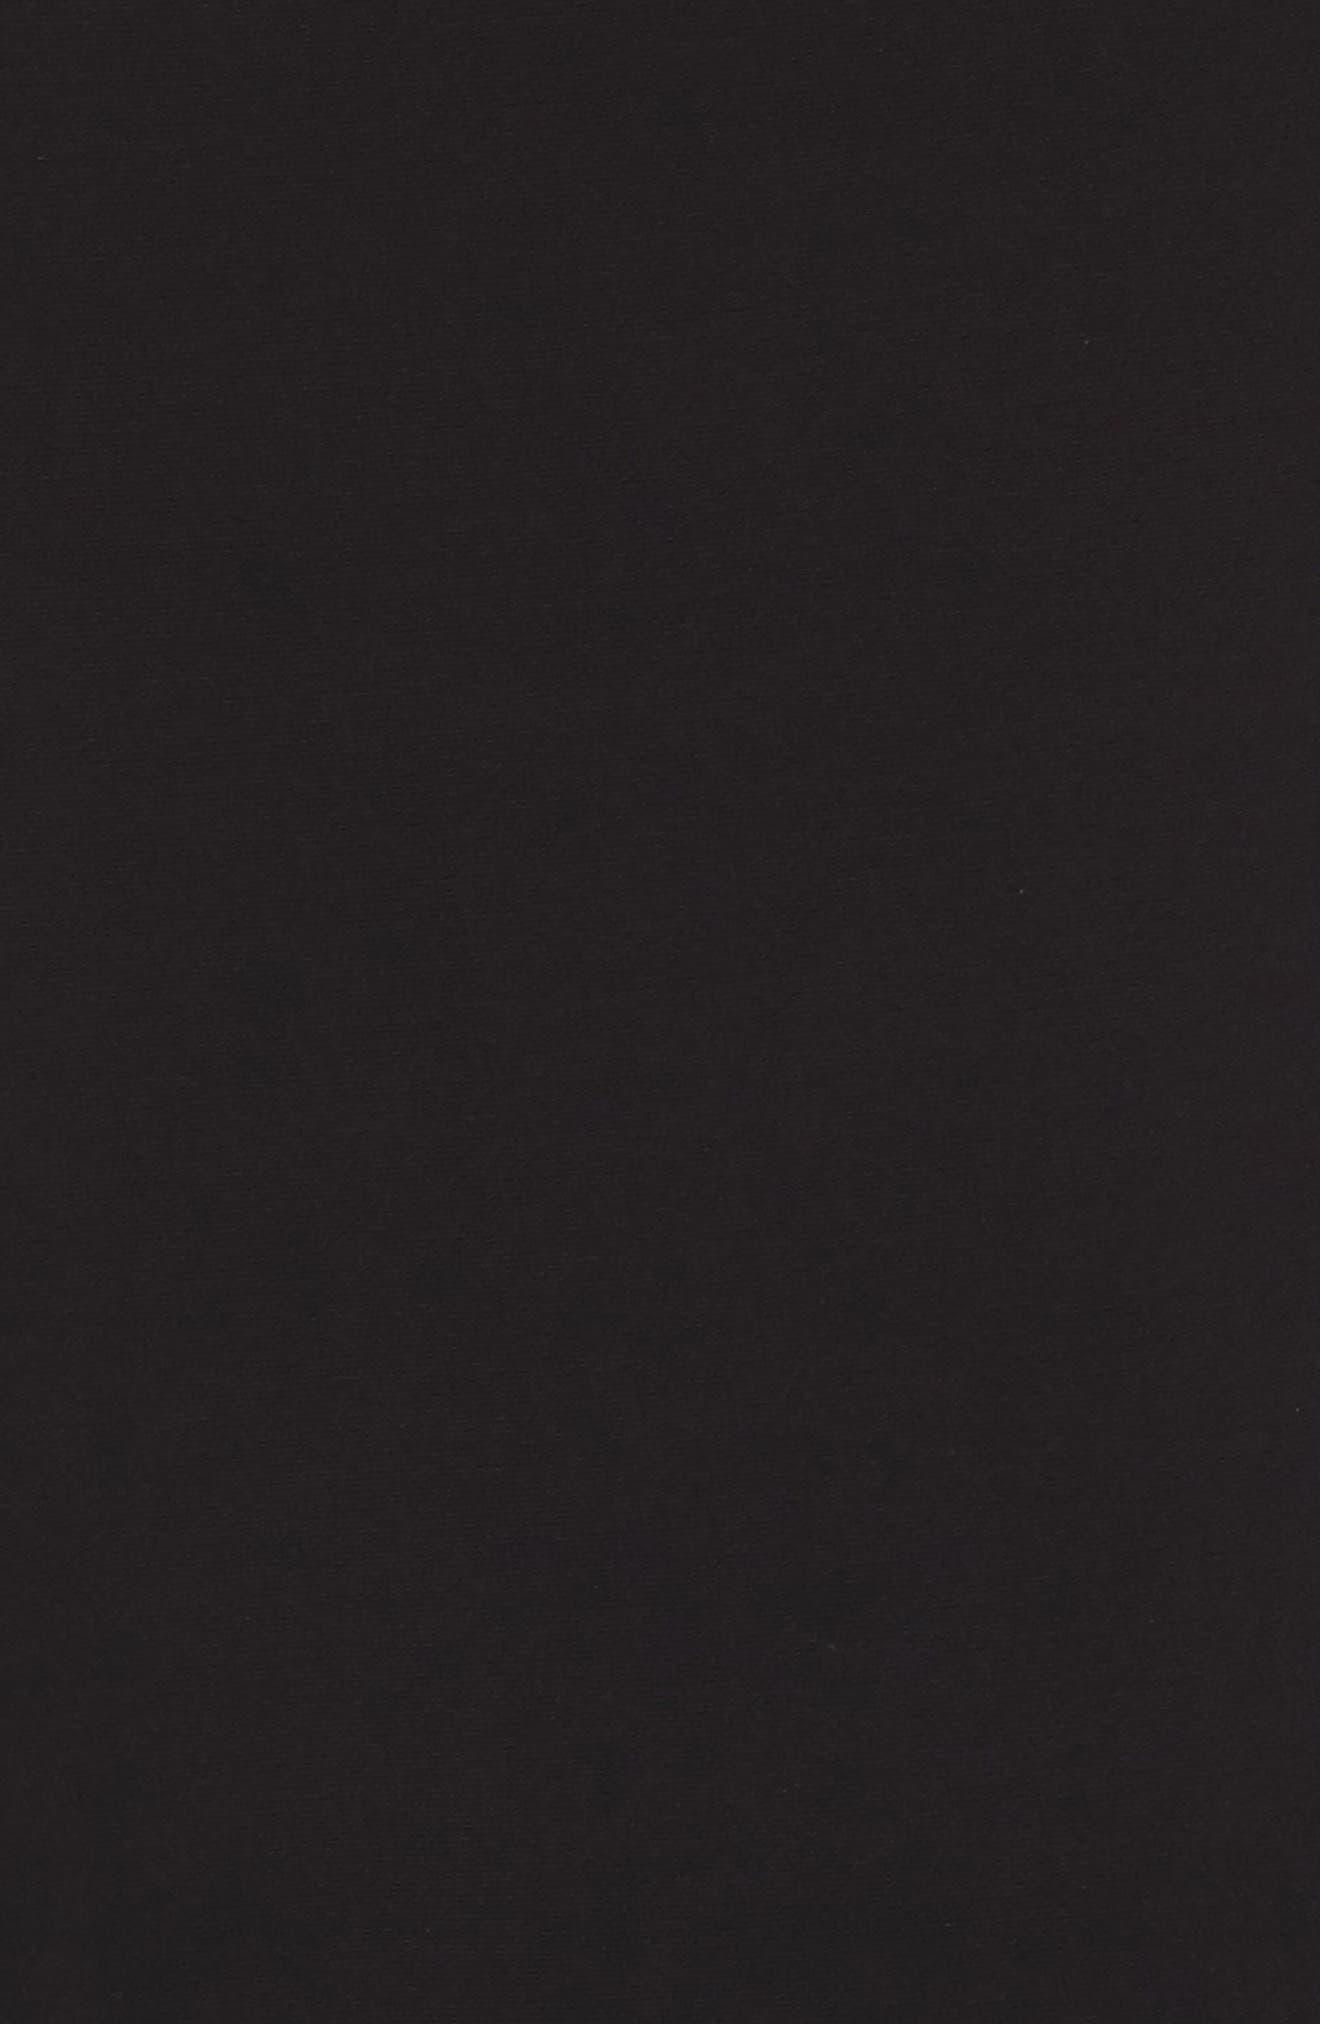 Cold Shoulder A-Line Gown,                             Alternate thumbnail 5, color,                             Black